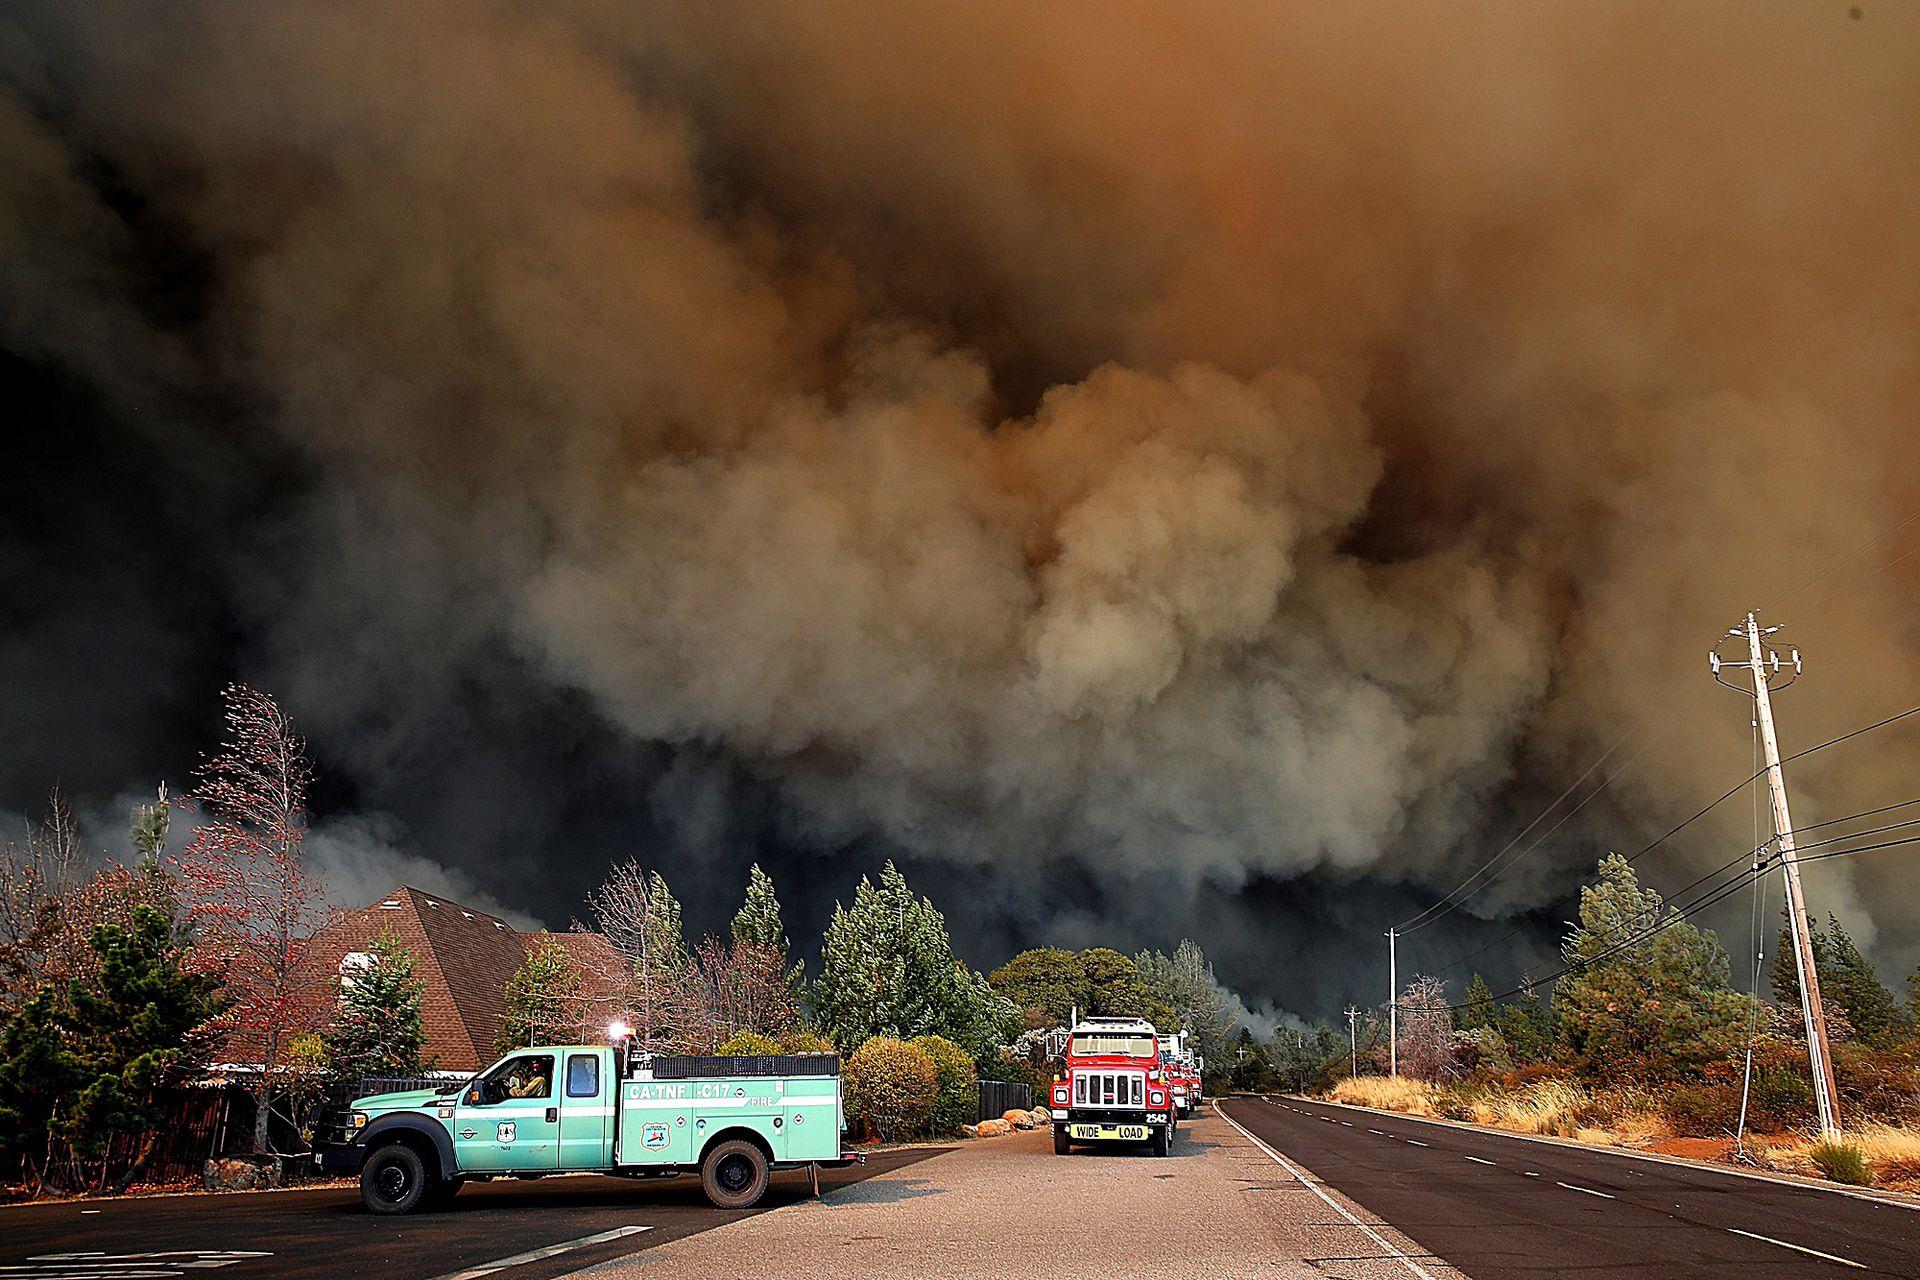 Una columna de humo invade el cielo en el área en Paradise, California.